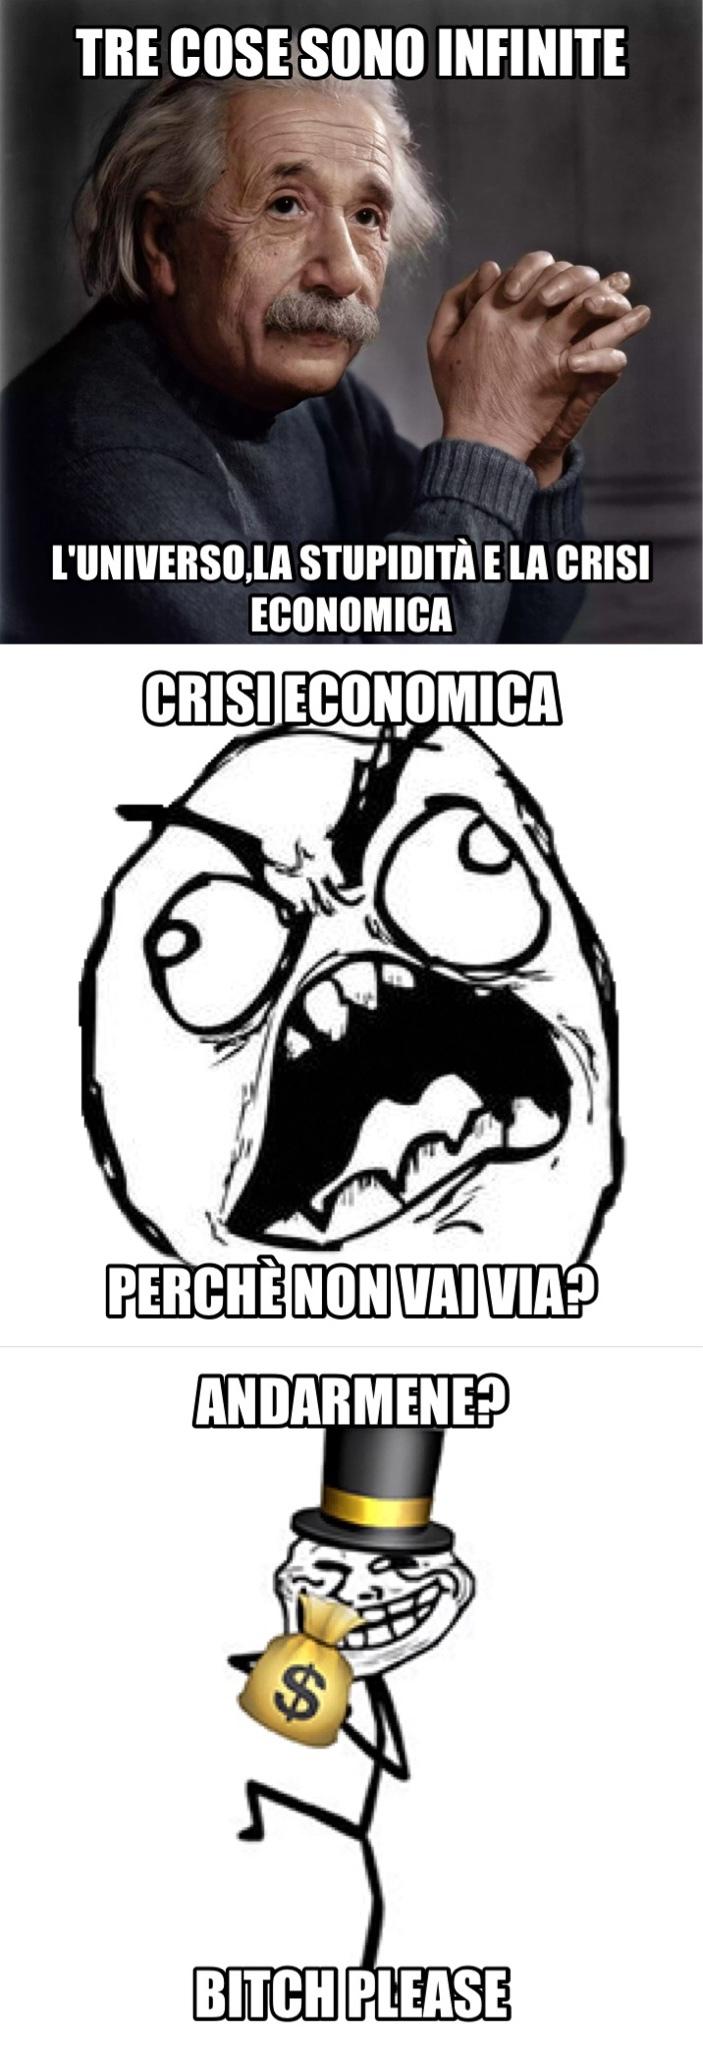 Cito la crisi - meme